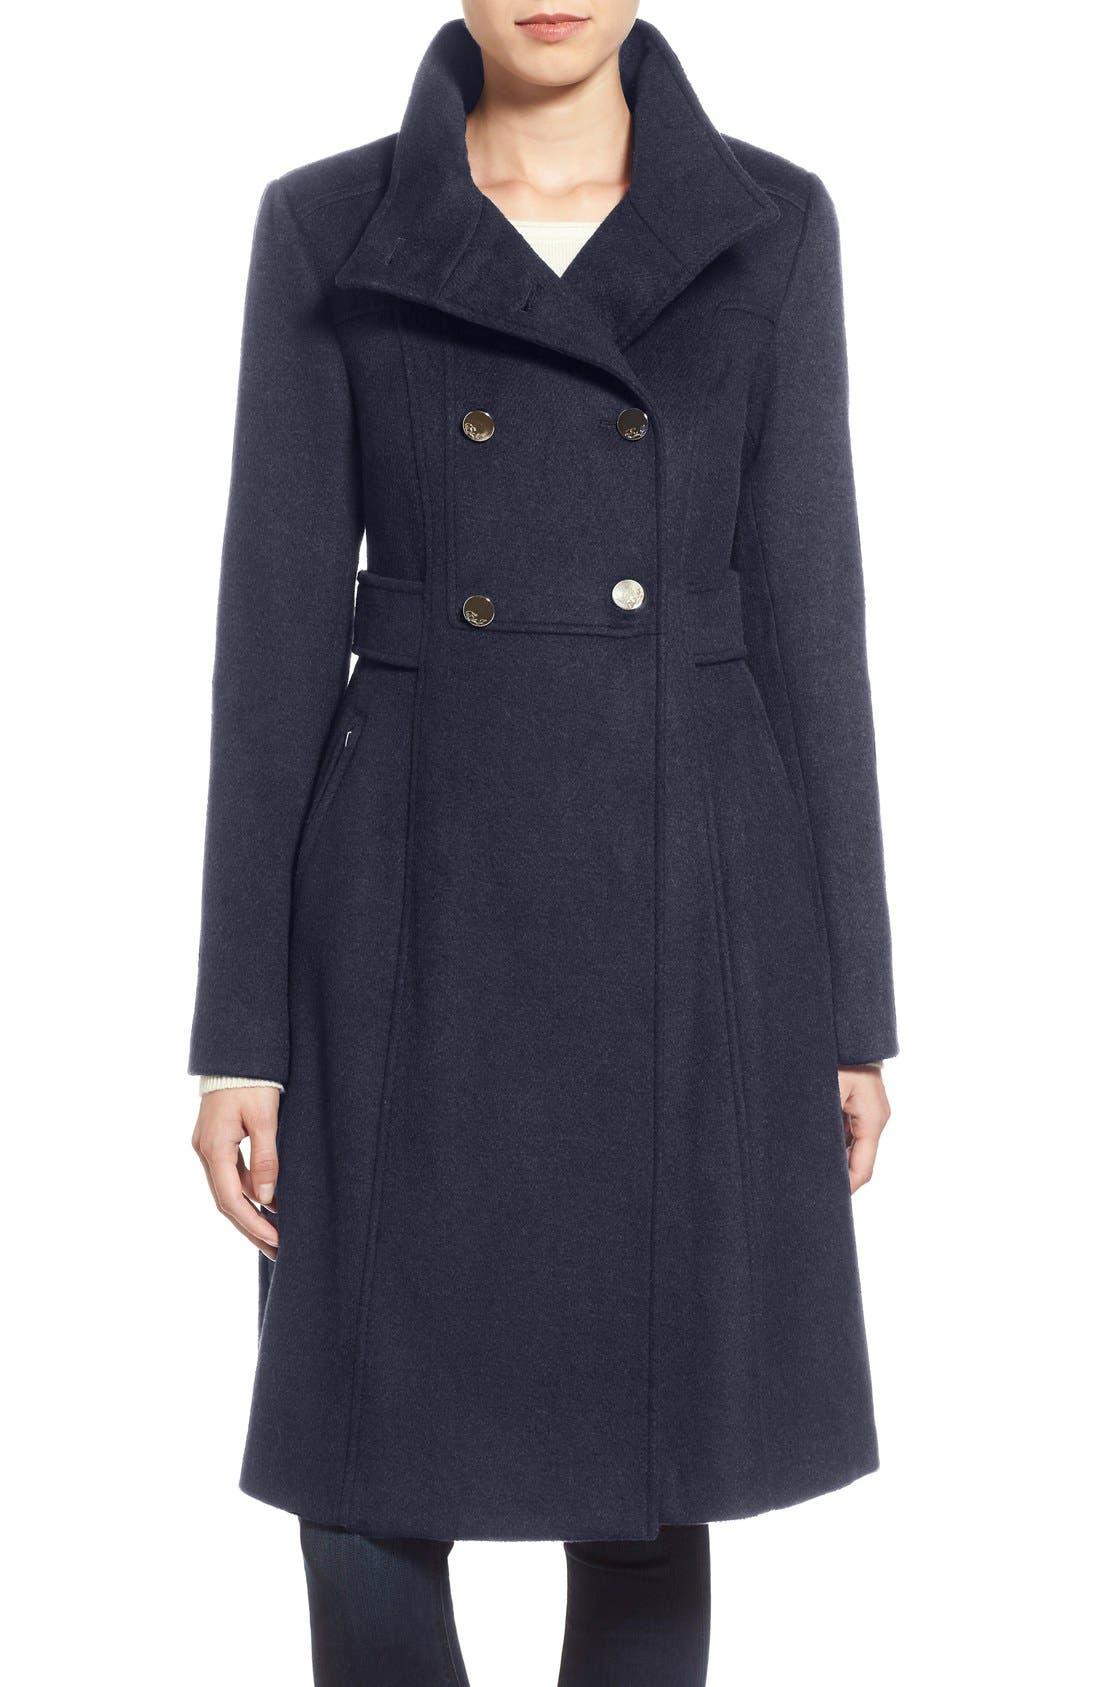 Alternate Image 1 Selected - Eliza J Wool Blend Long Military Coat (Regular & Petite)